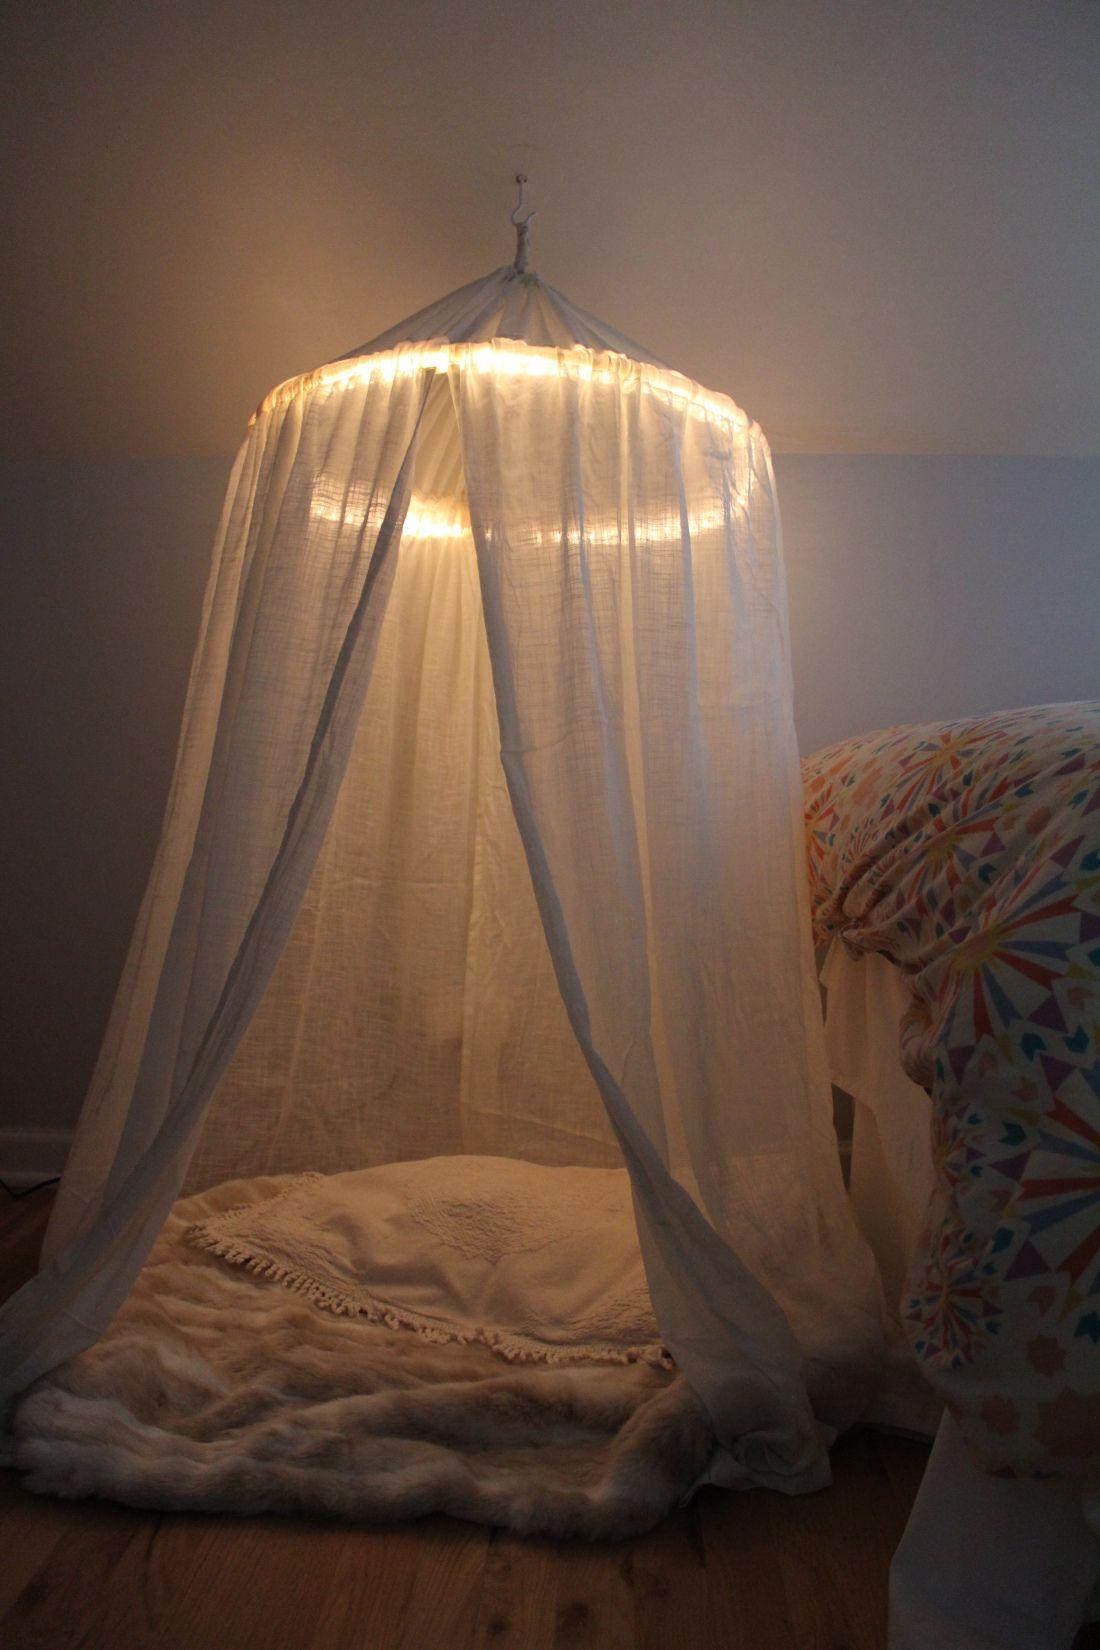 Hoop, Lights, Mosquito Net, Above Baby's Cot